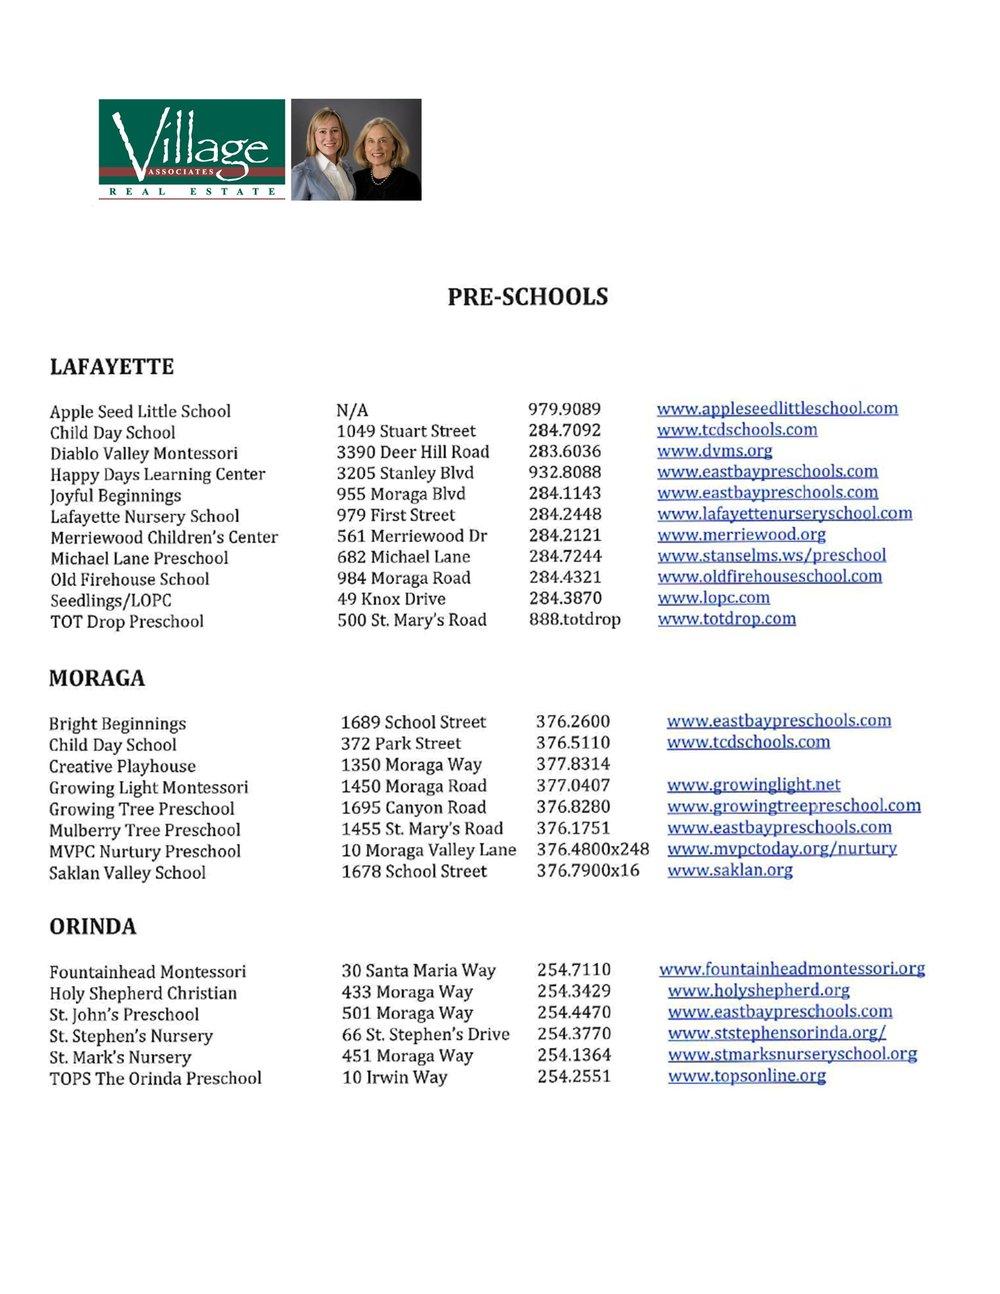 Pre-Schools List.jpg